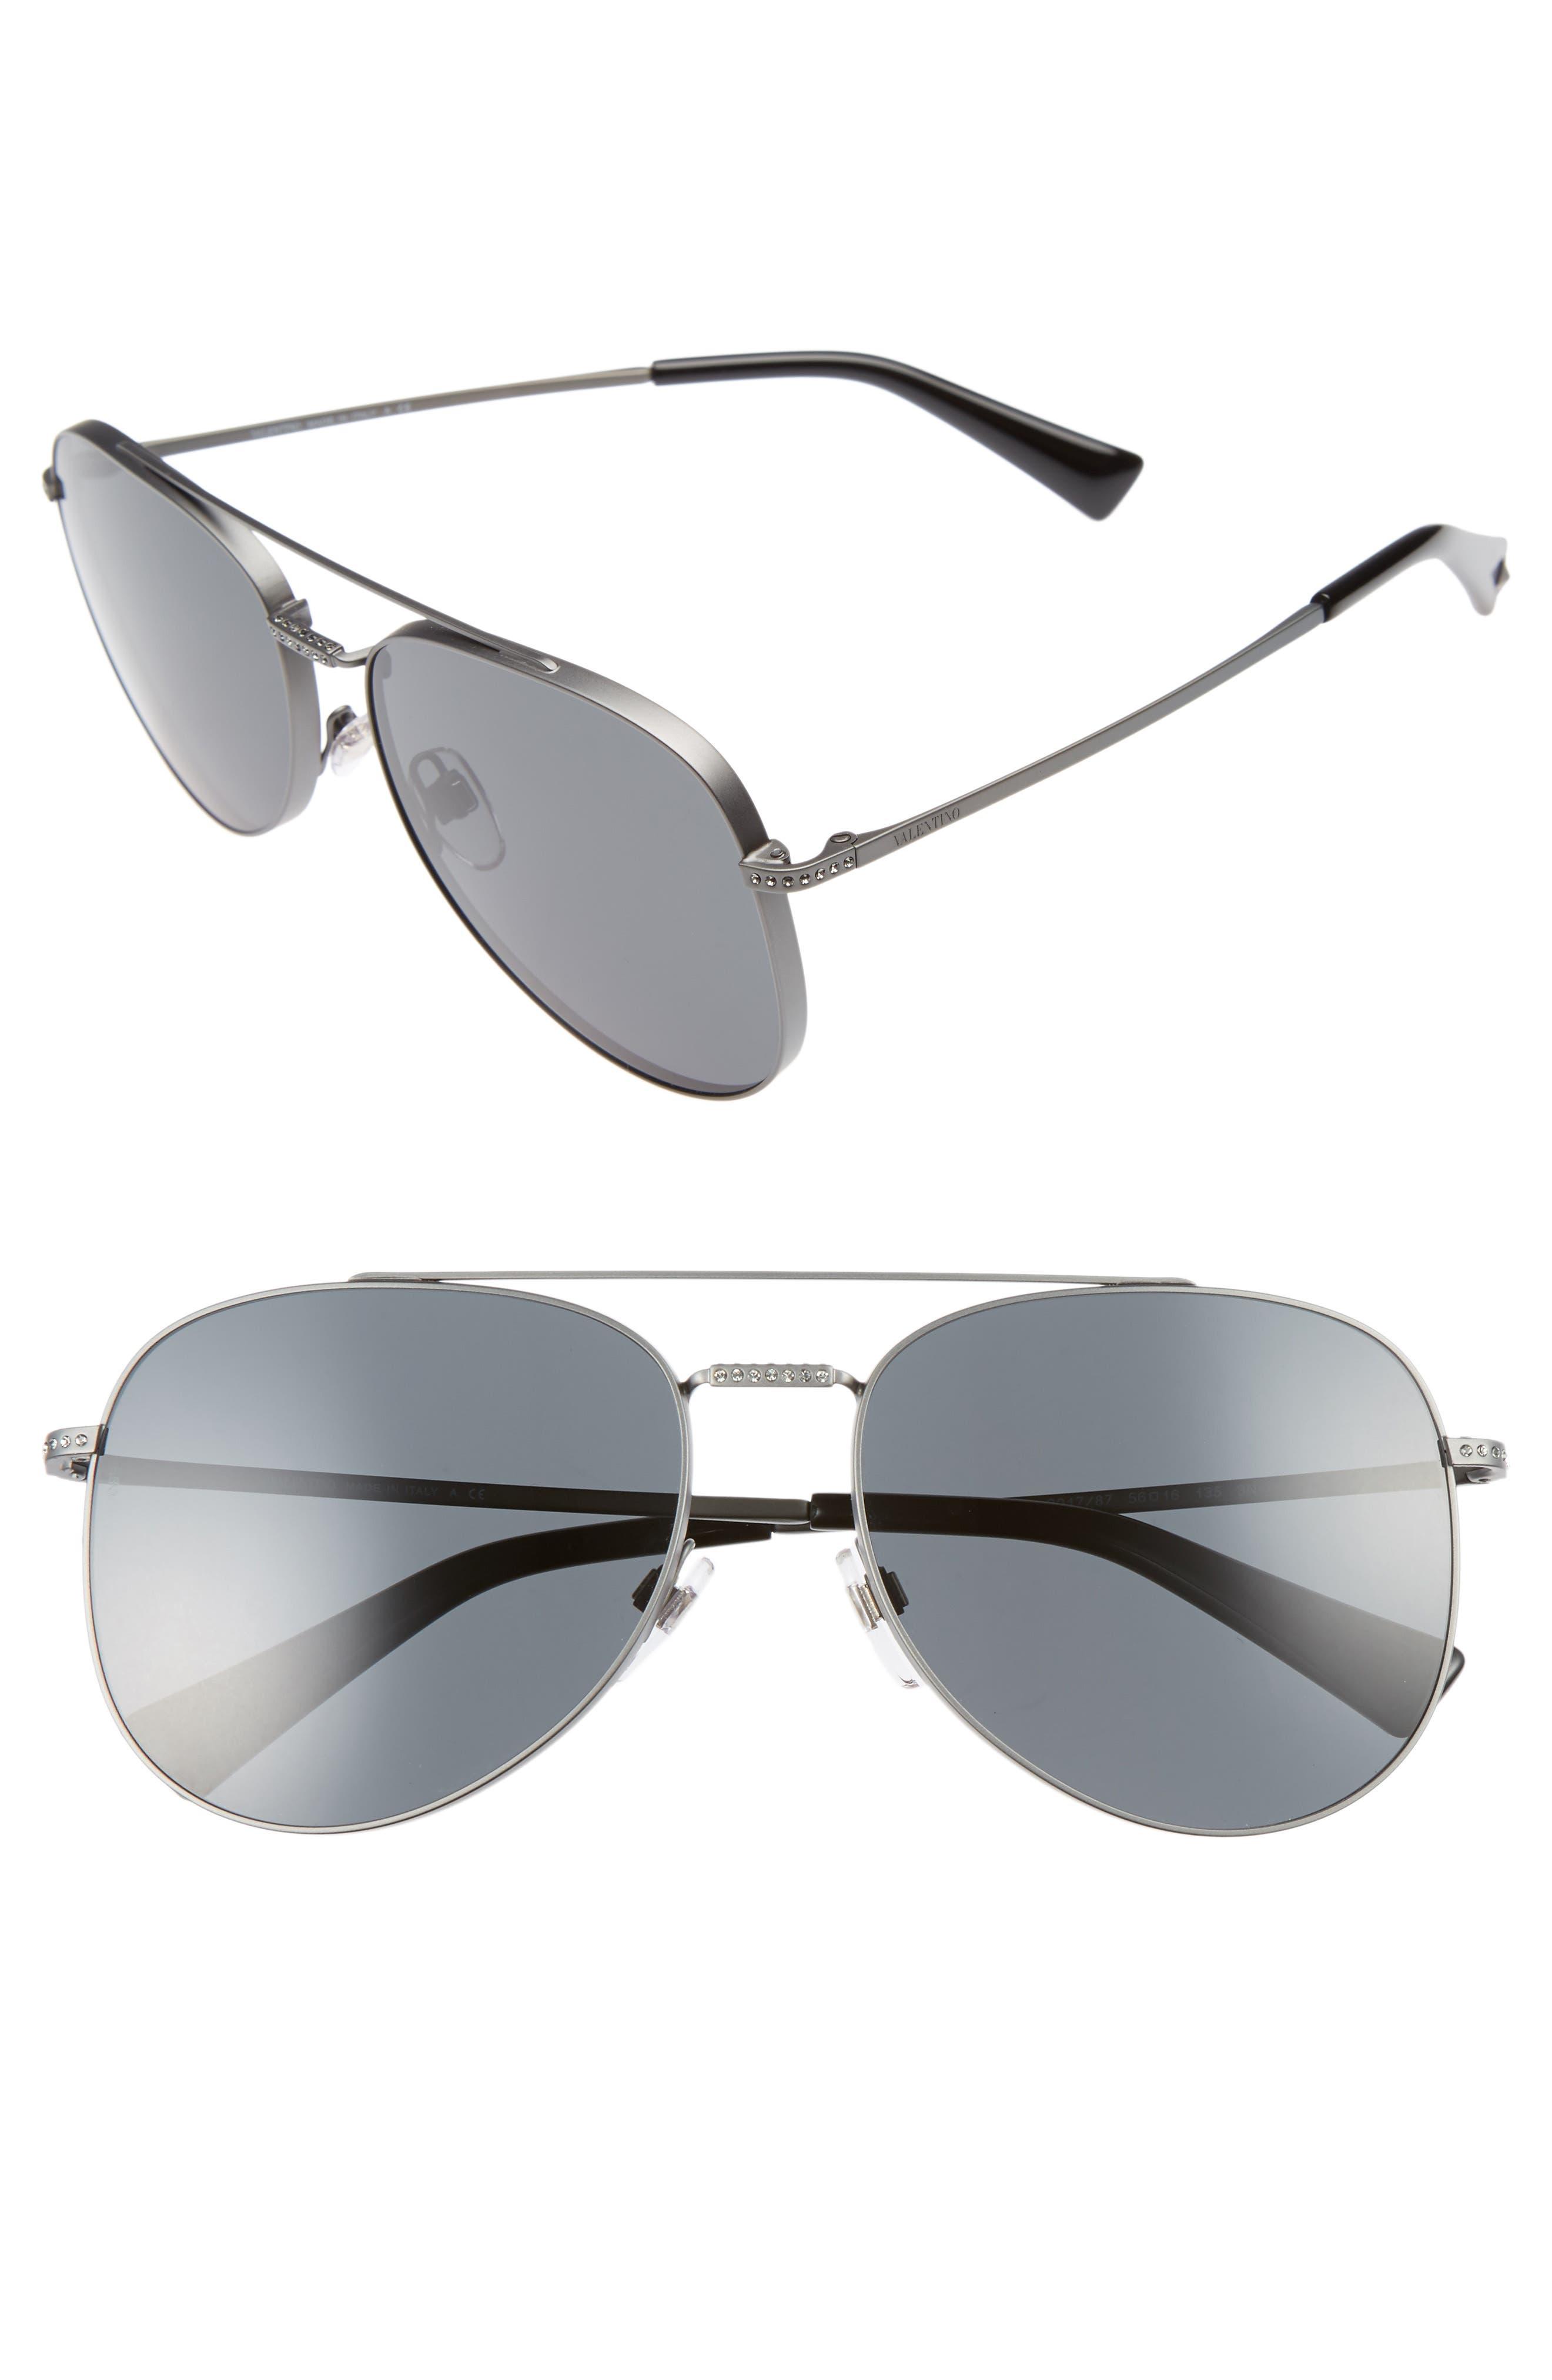 Main Image - Valentino 56mm Aviator Sunglasses